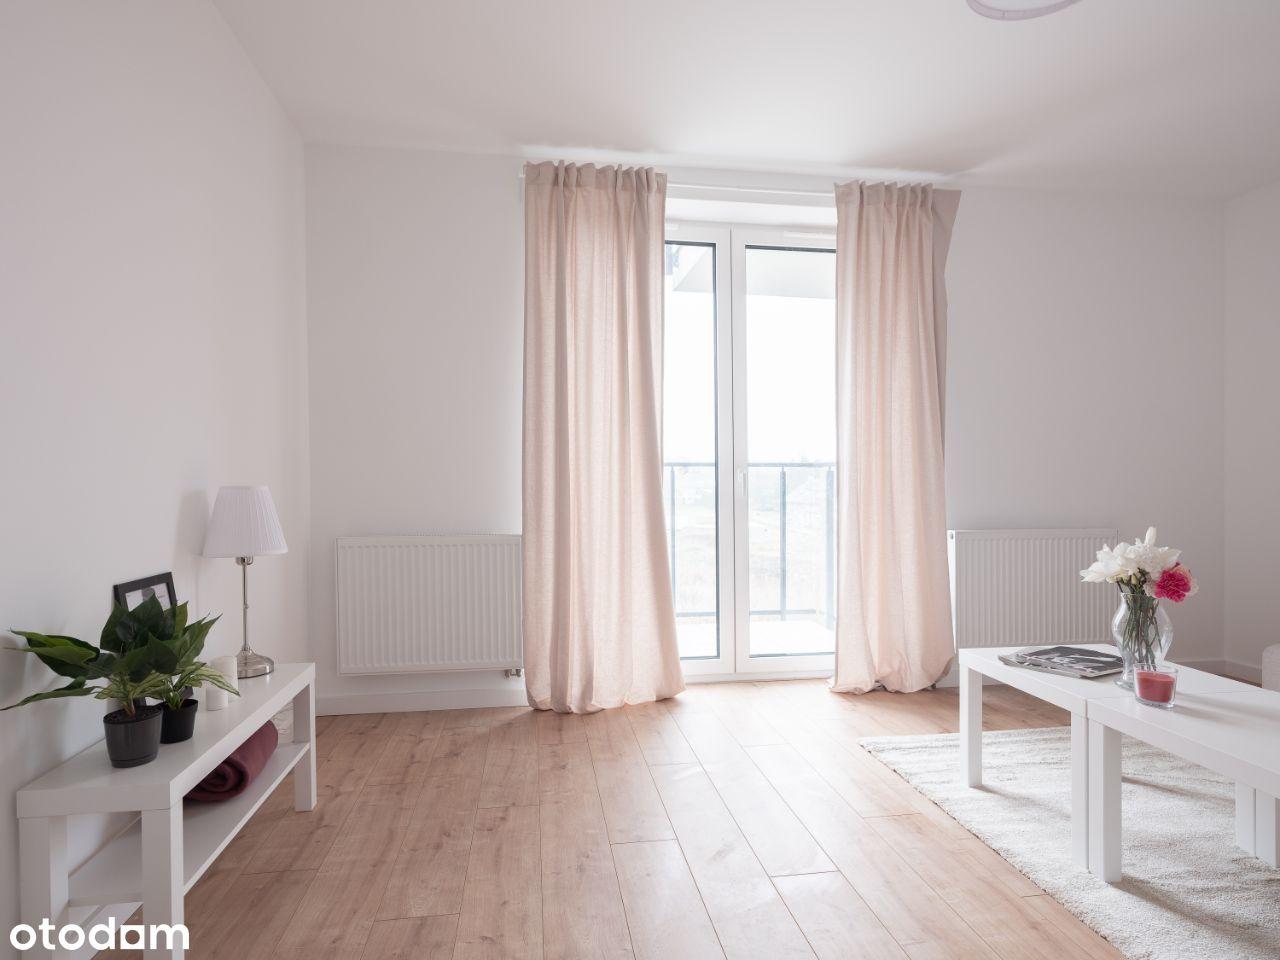 Mieszkanie 2 pok. + os.kuchnia - Osiedle Jagielnia